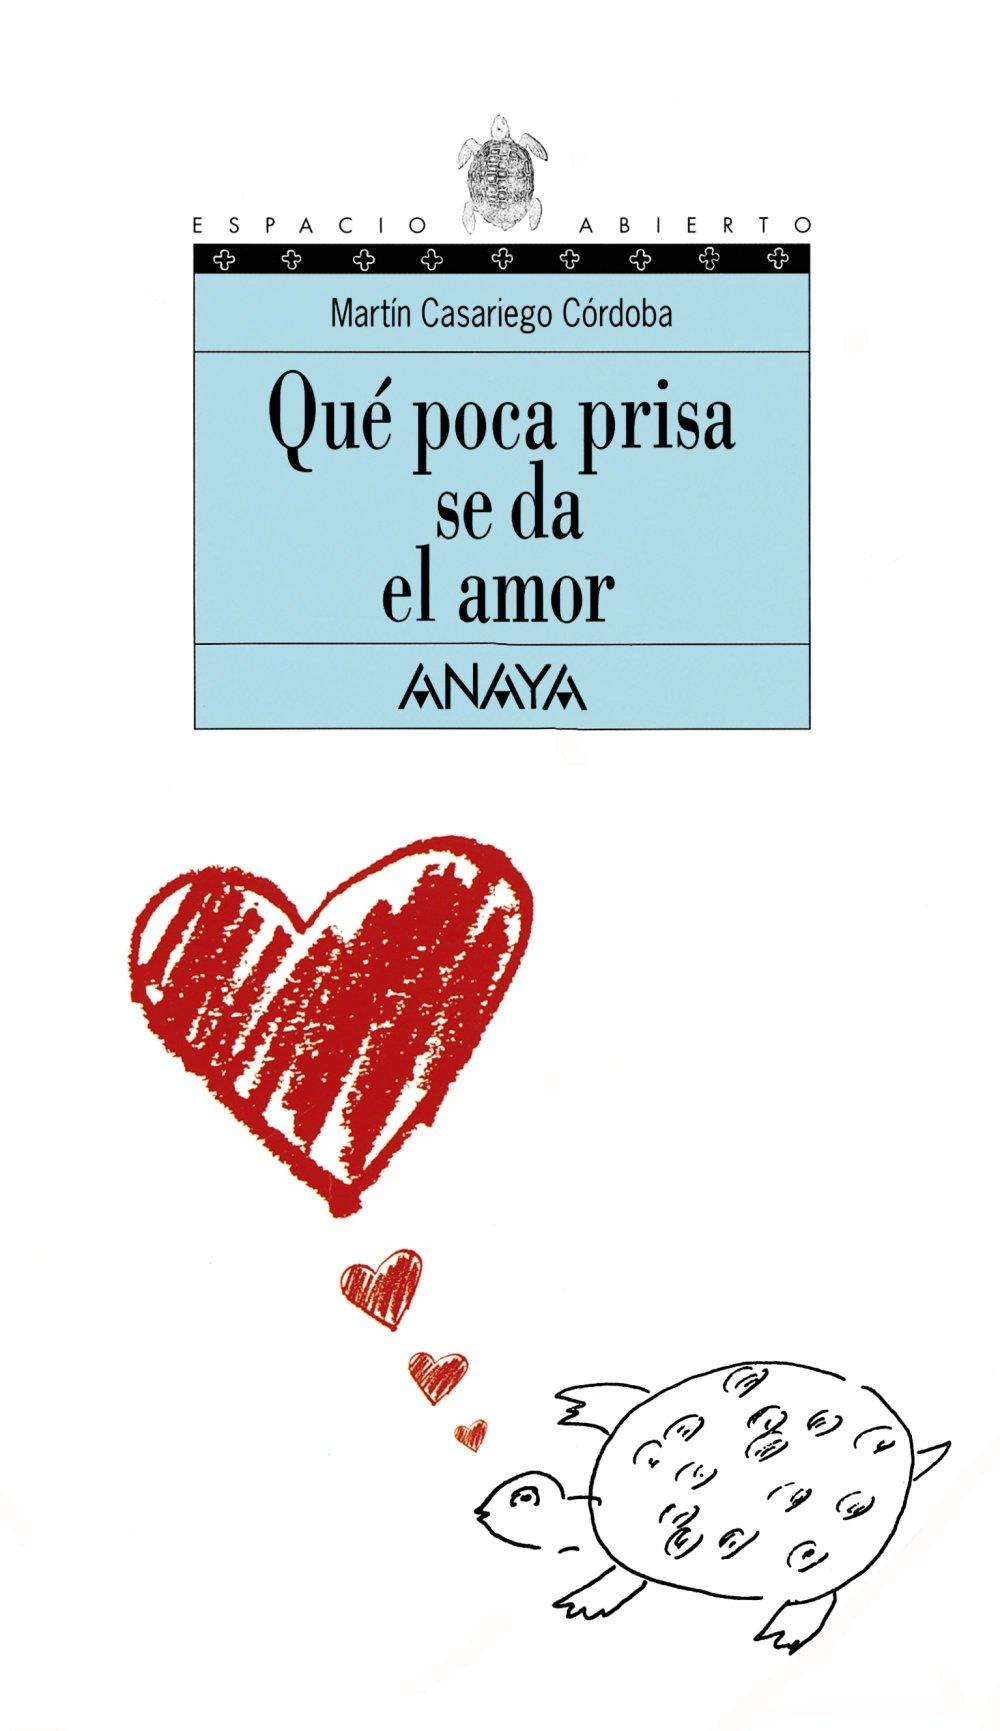 Qué poca prisa se da el amor Literatura Juvenil A Partir De 12 Años - Espacio Abierto: Amazon.es: Martín Casariego Córdoba: Libros